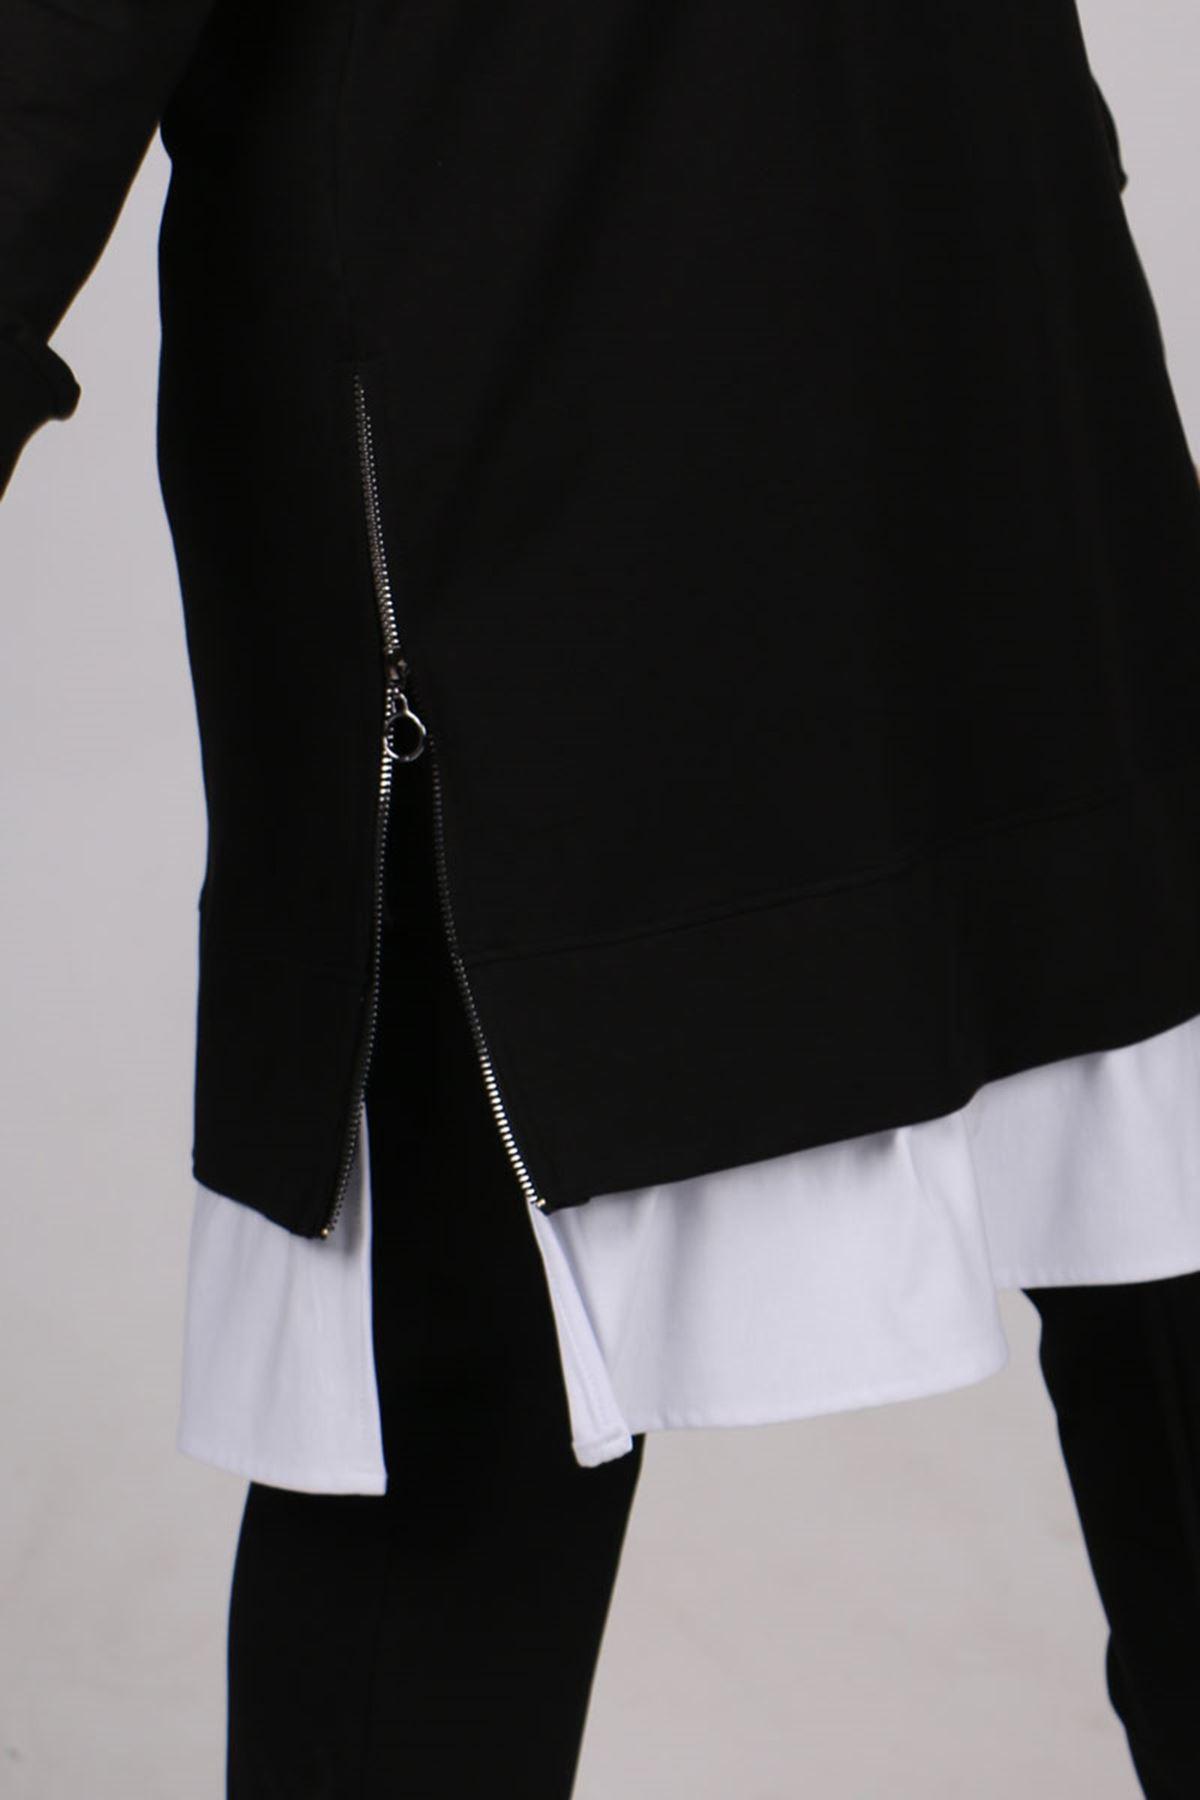 1948 Büyük Beden Beyaz Kombinli Pantolonlu İki İplik Takım - Siyah